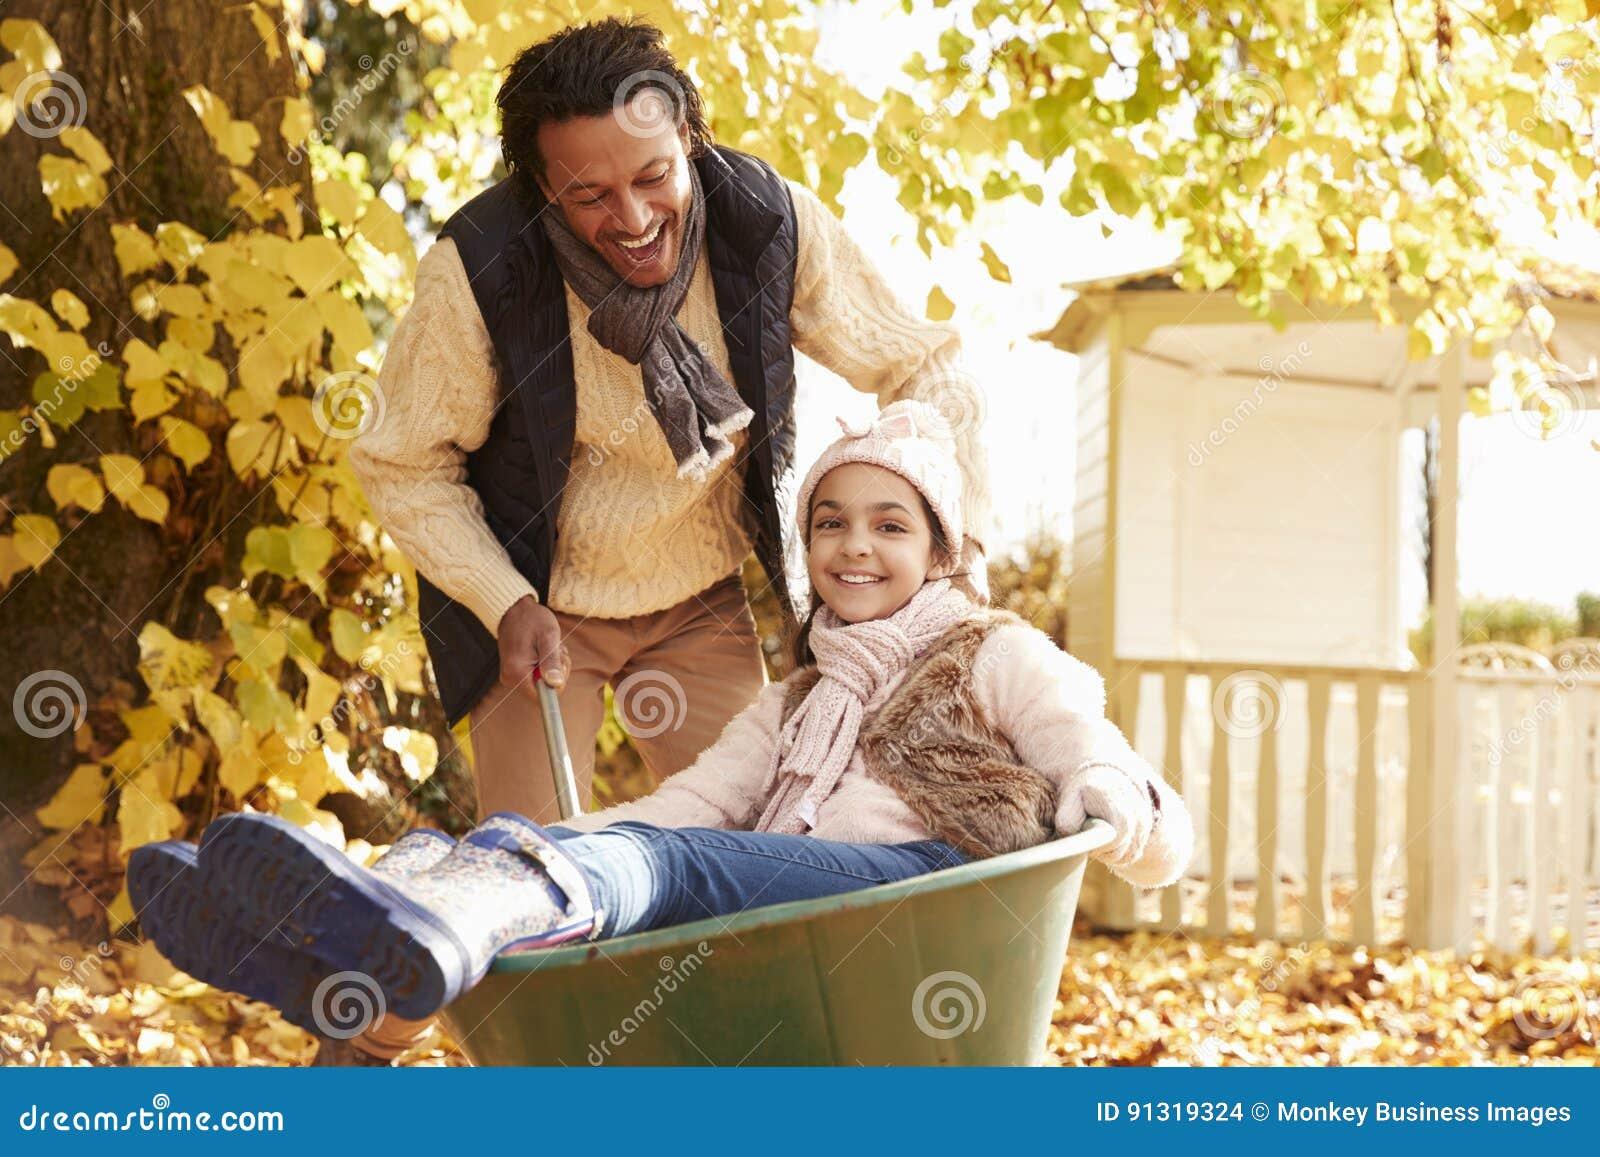 Vader In Autumn Garden Gives Daughter Ride in Kruiwagen